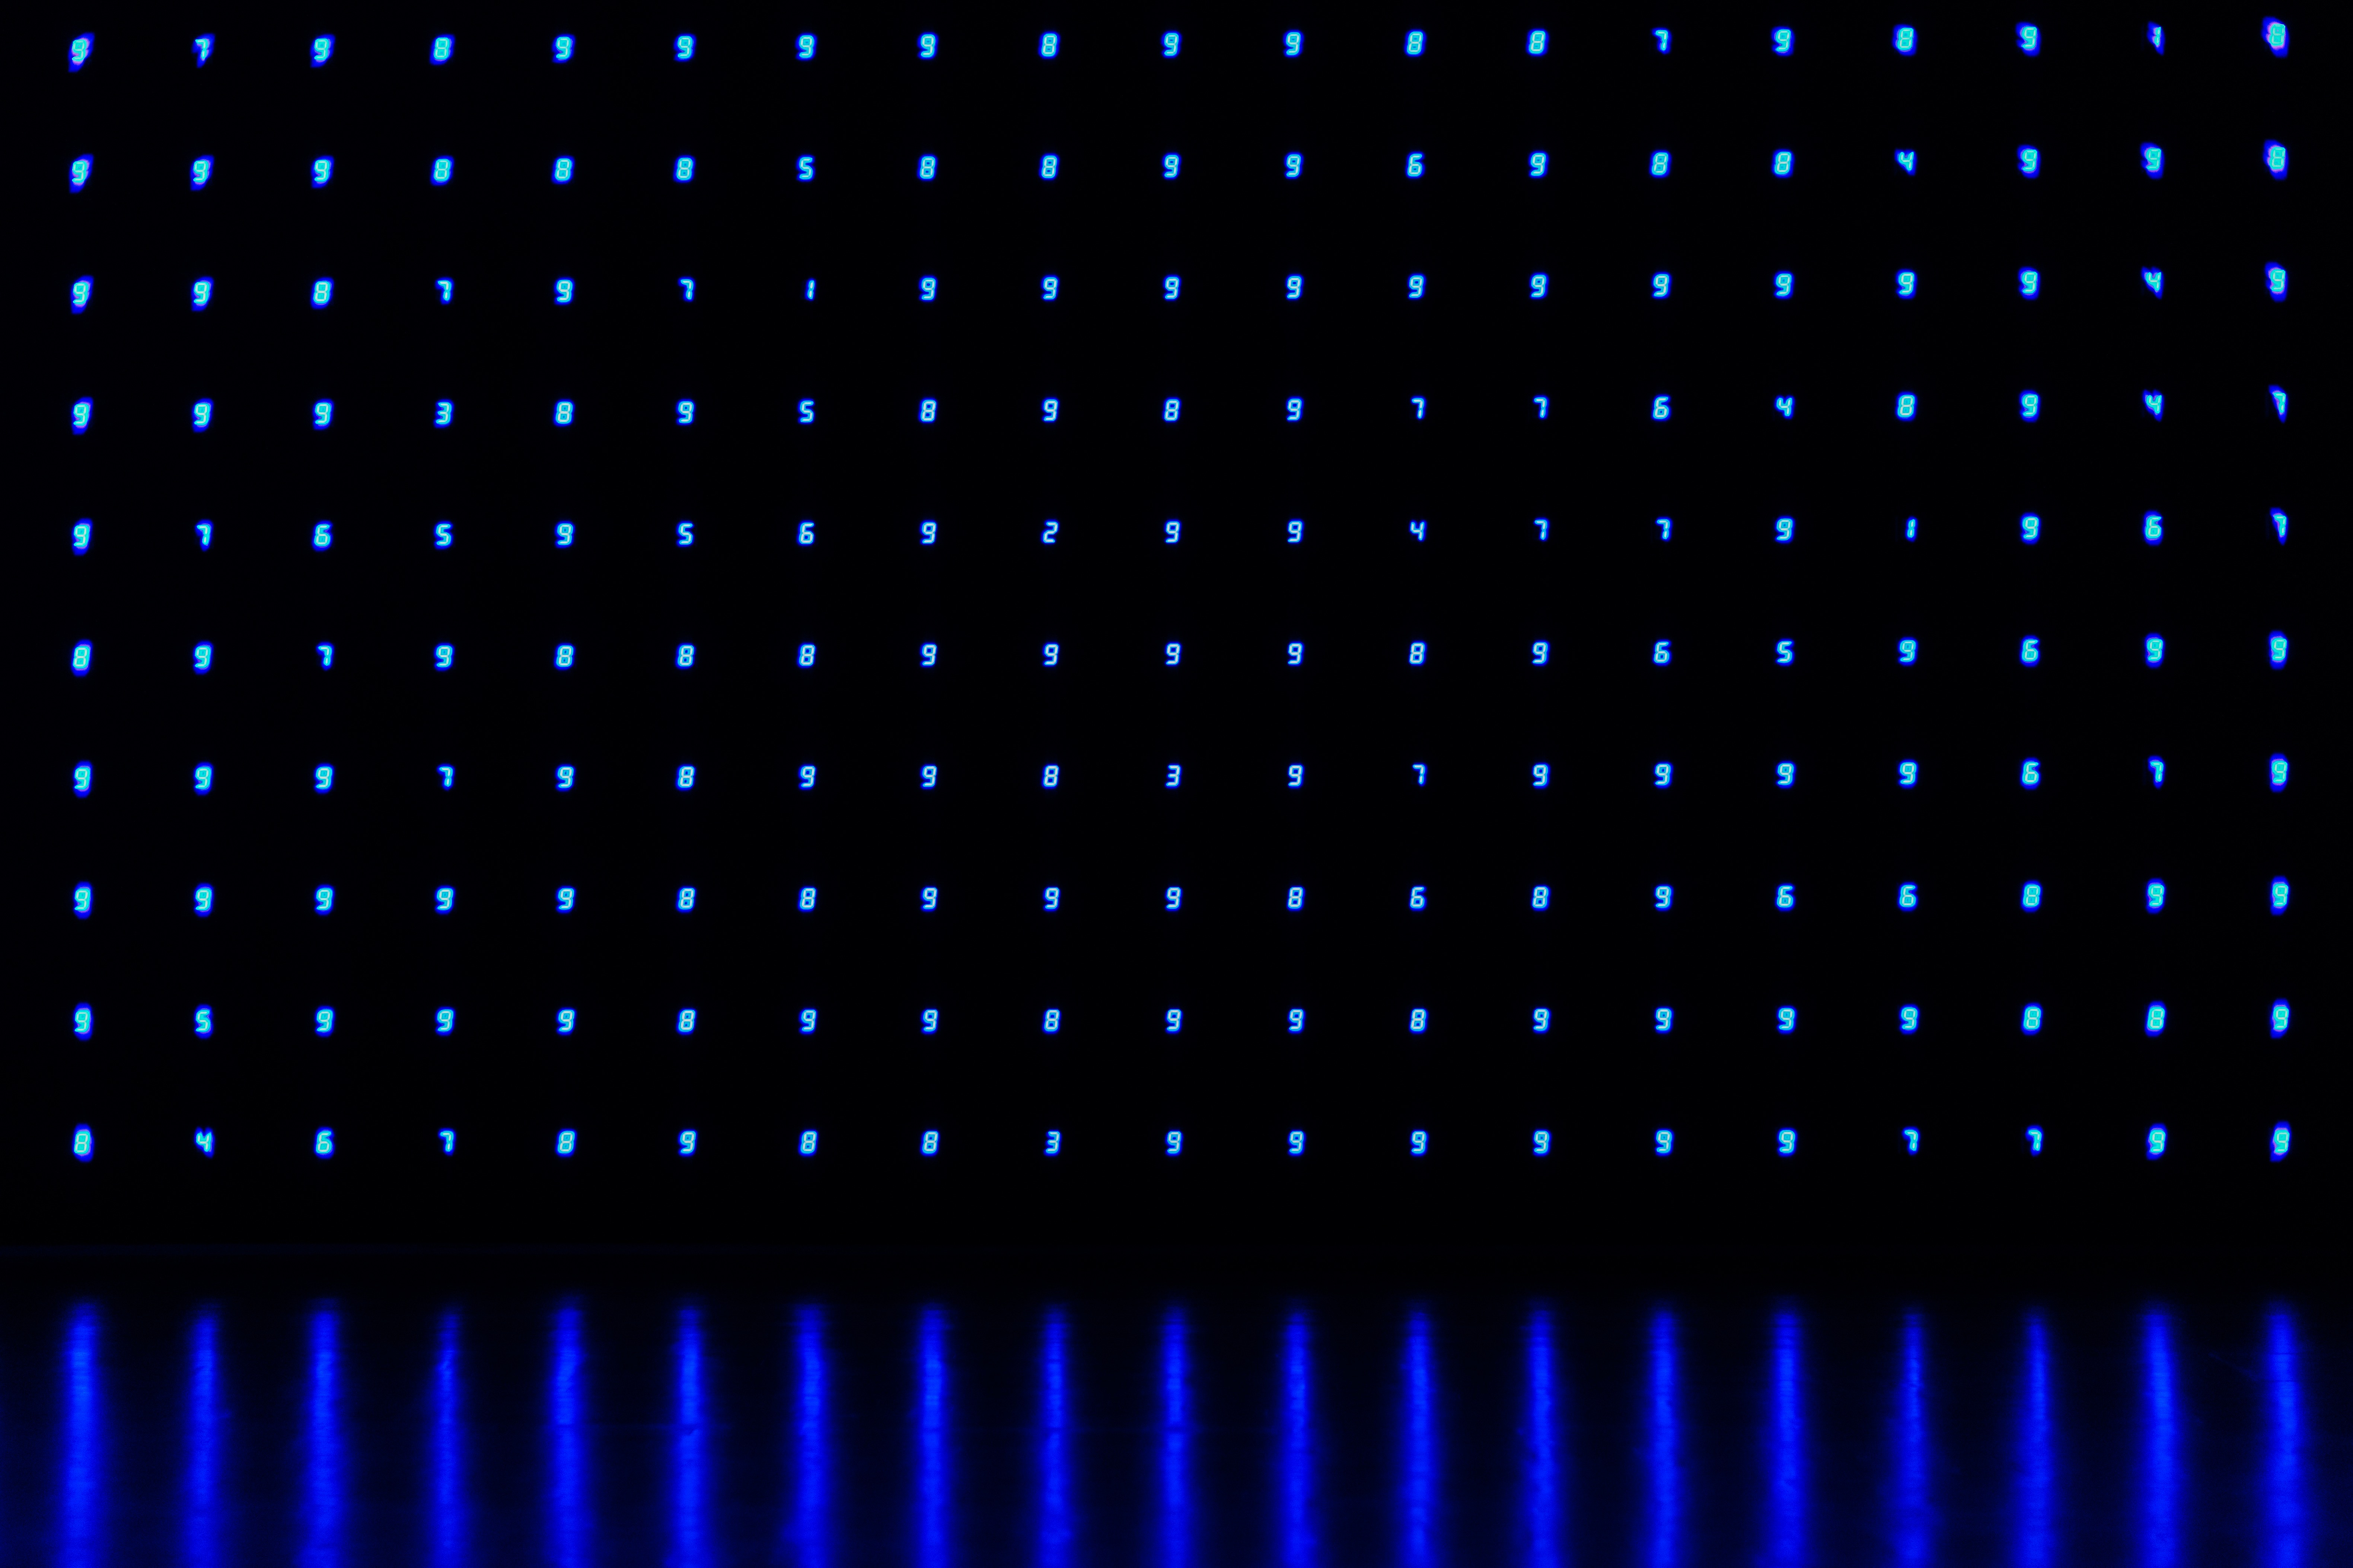 109178壁紙のダウンロードテクスチャ, テクスチャー, 数字, 番号, ネオン, 青い, 闇, 暗い-スクリーンセーバーと写真を無料で